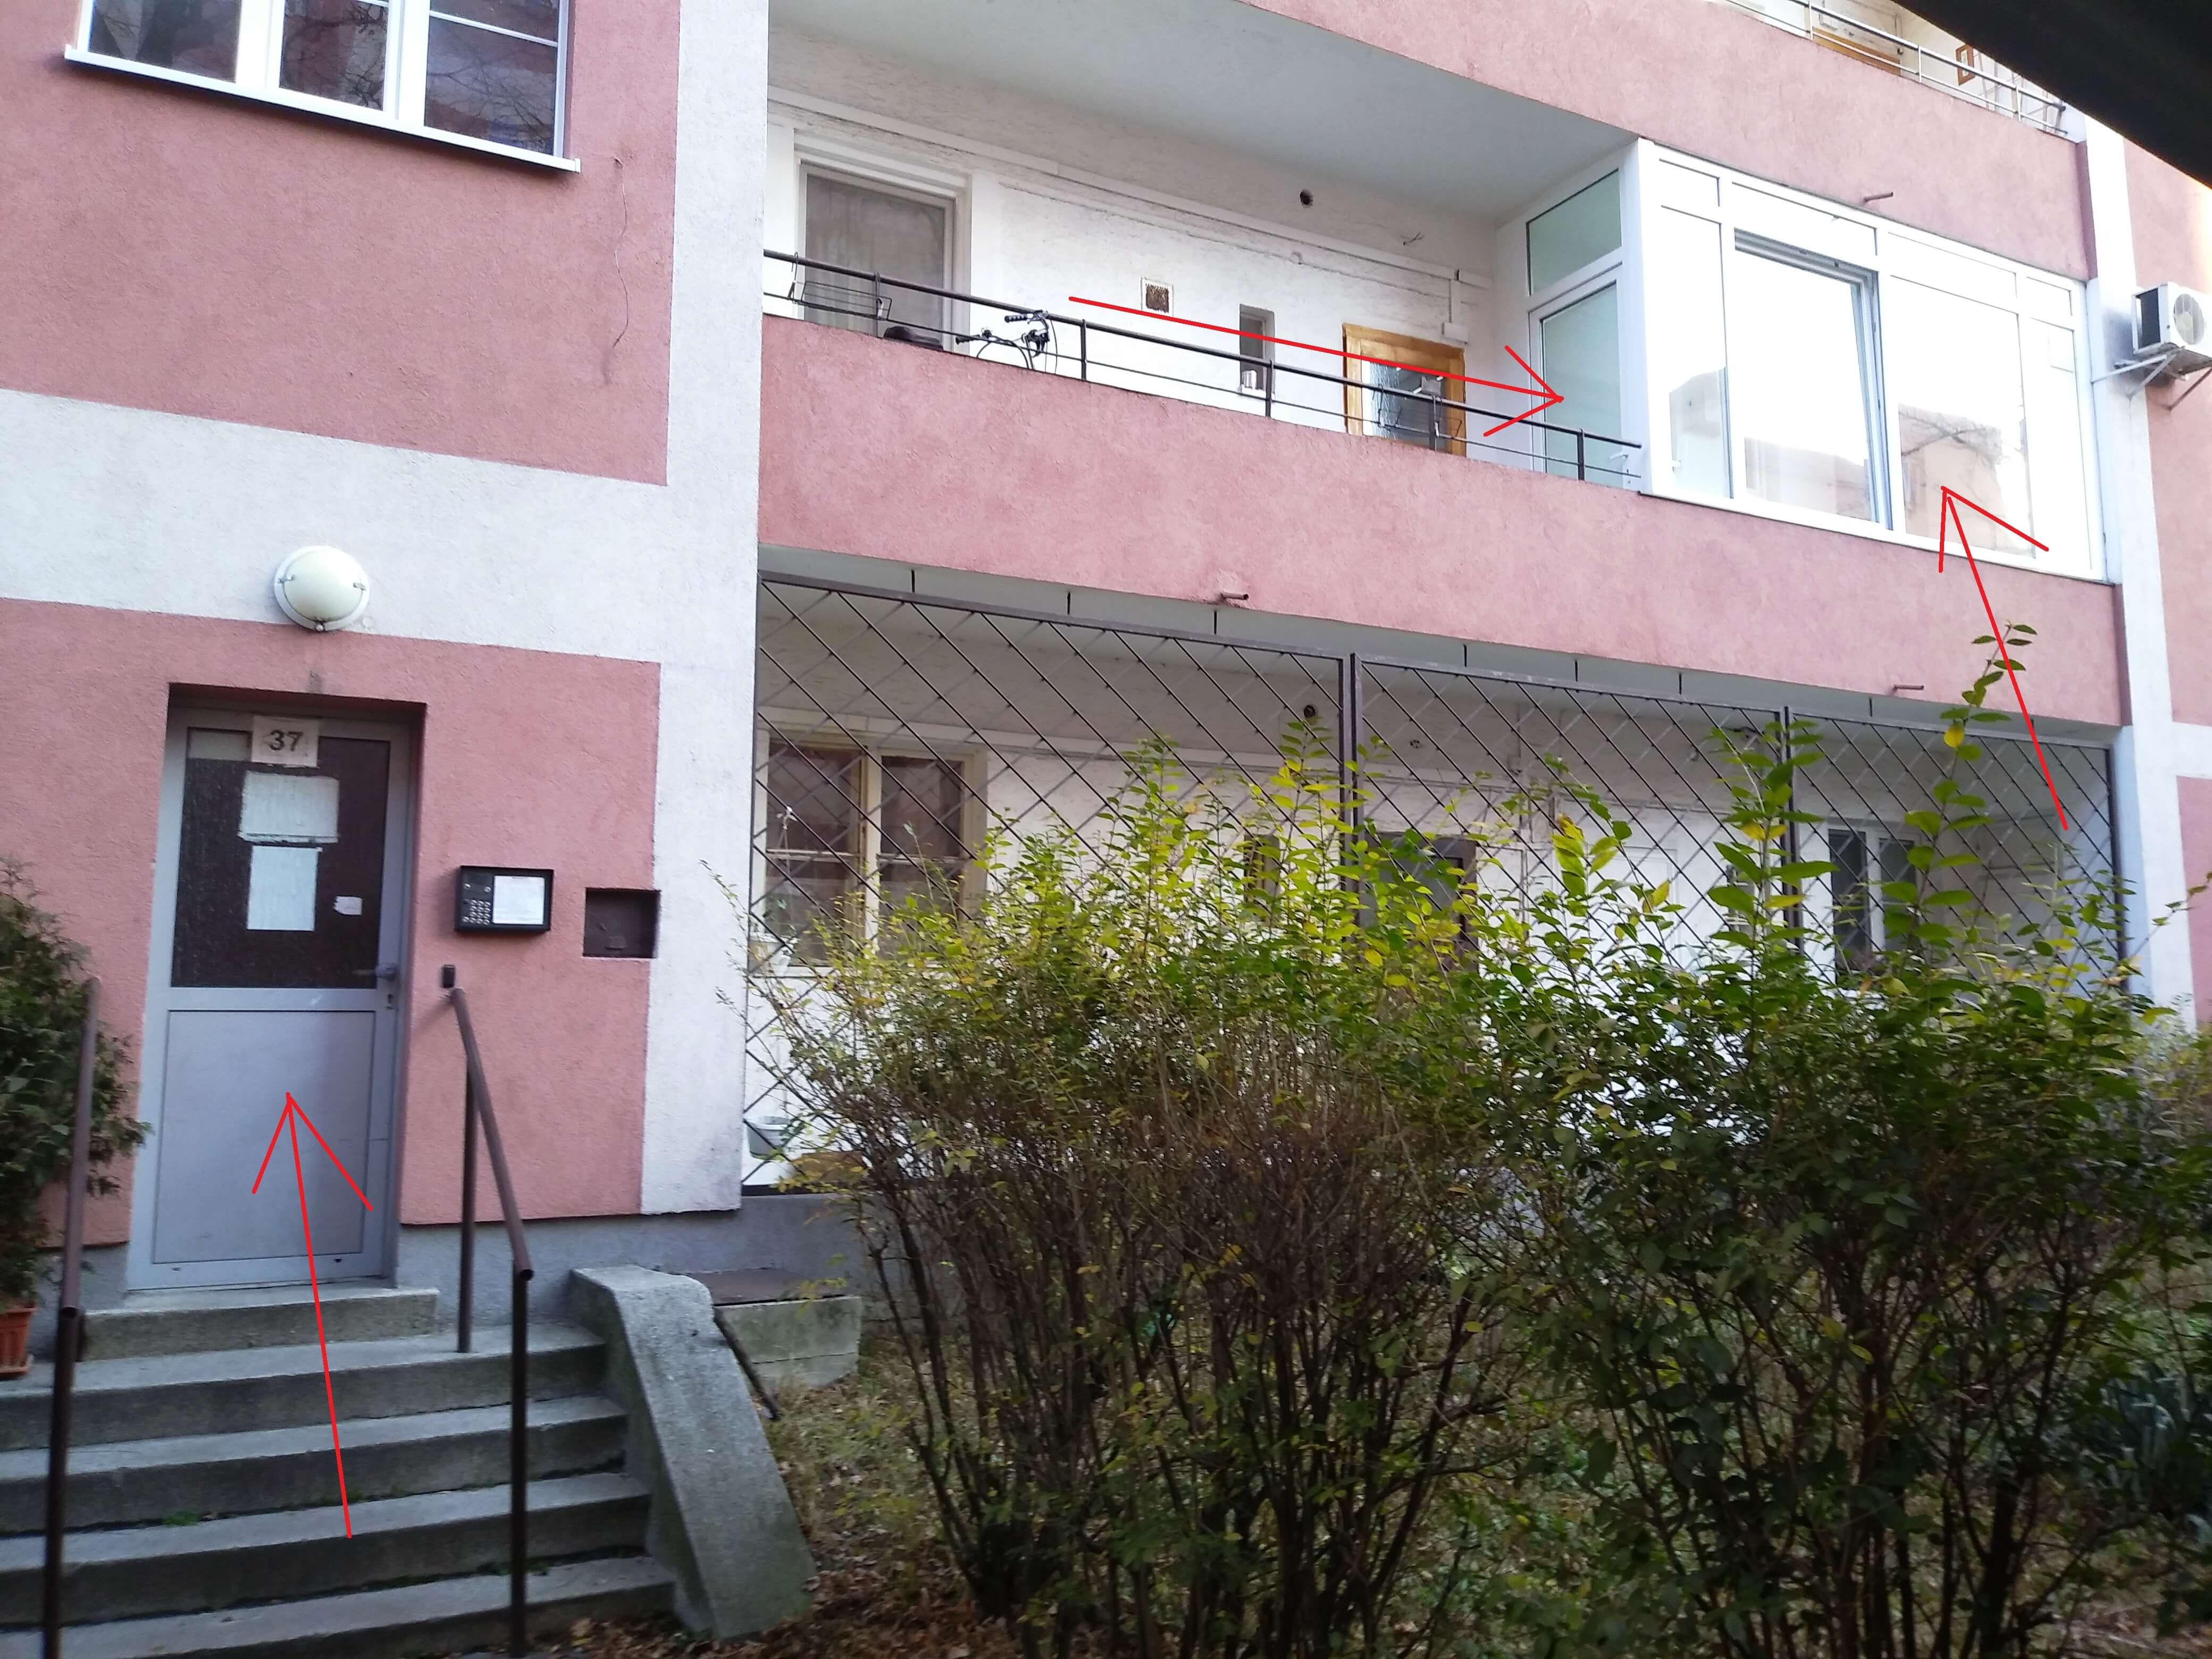 Prenájom jednej izby v 2 izb. byte, staré mesto, Šancová ulica, Bratislava, 80m2, zariadený-40